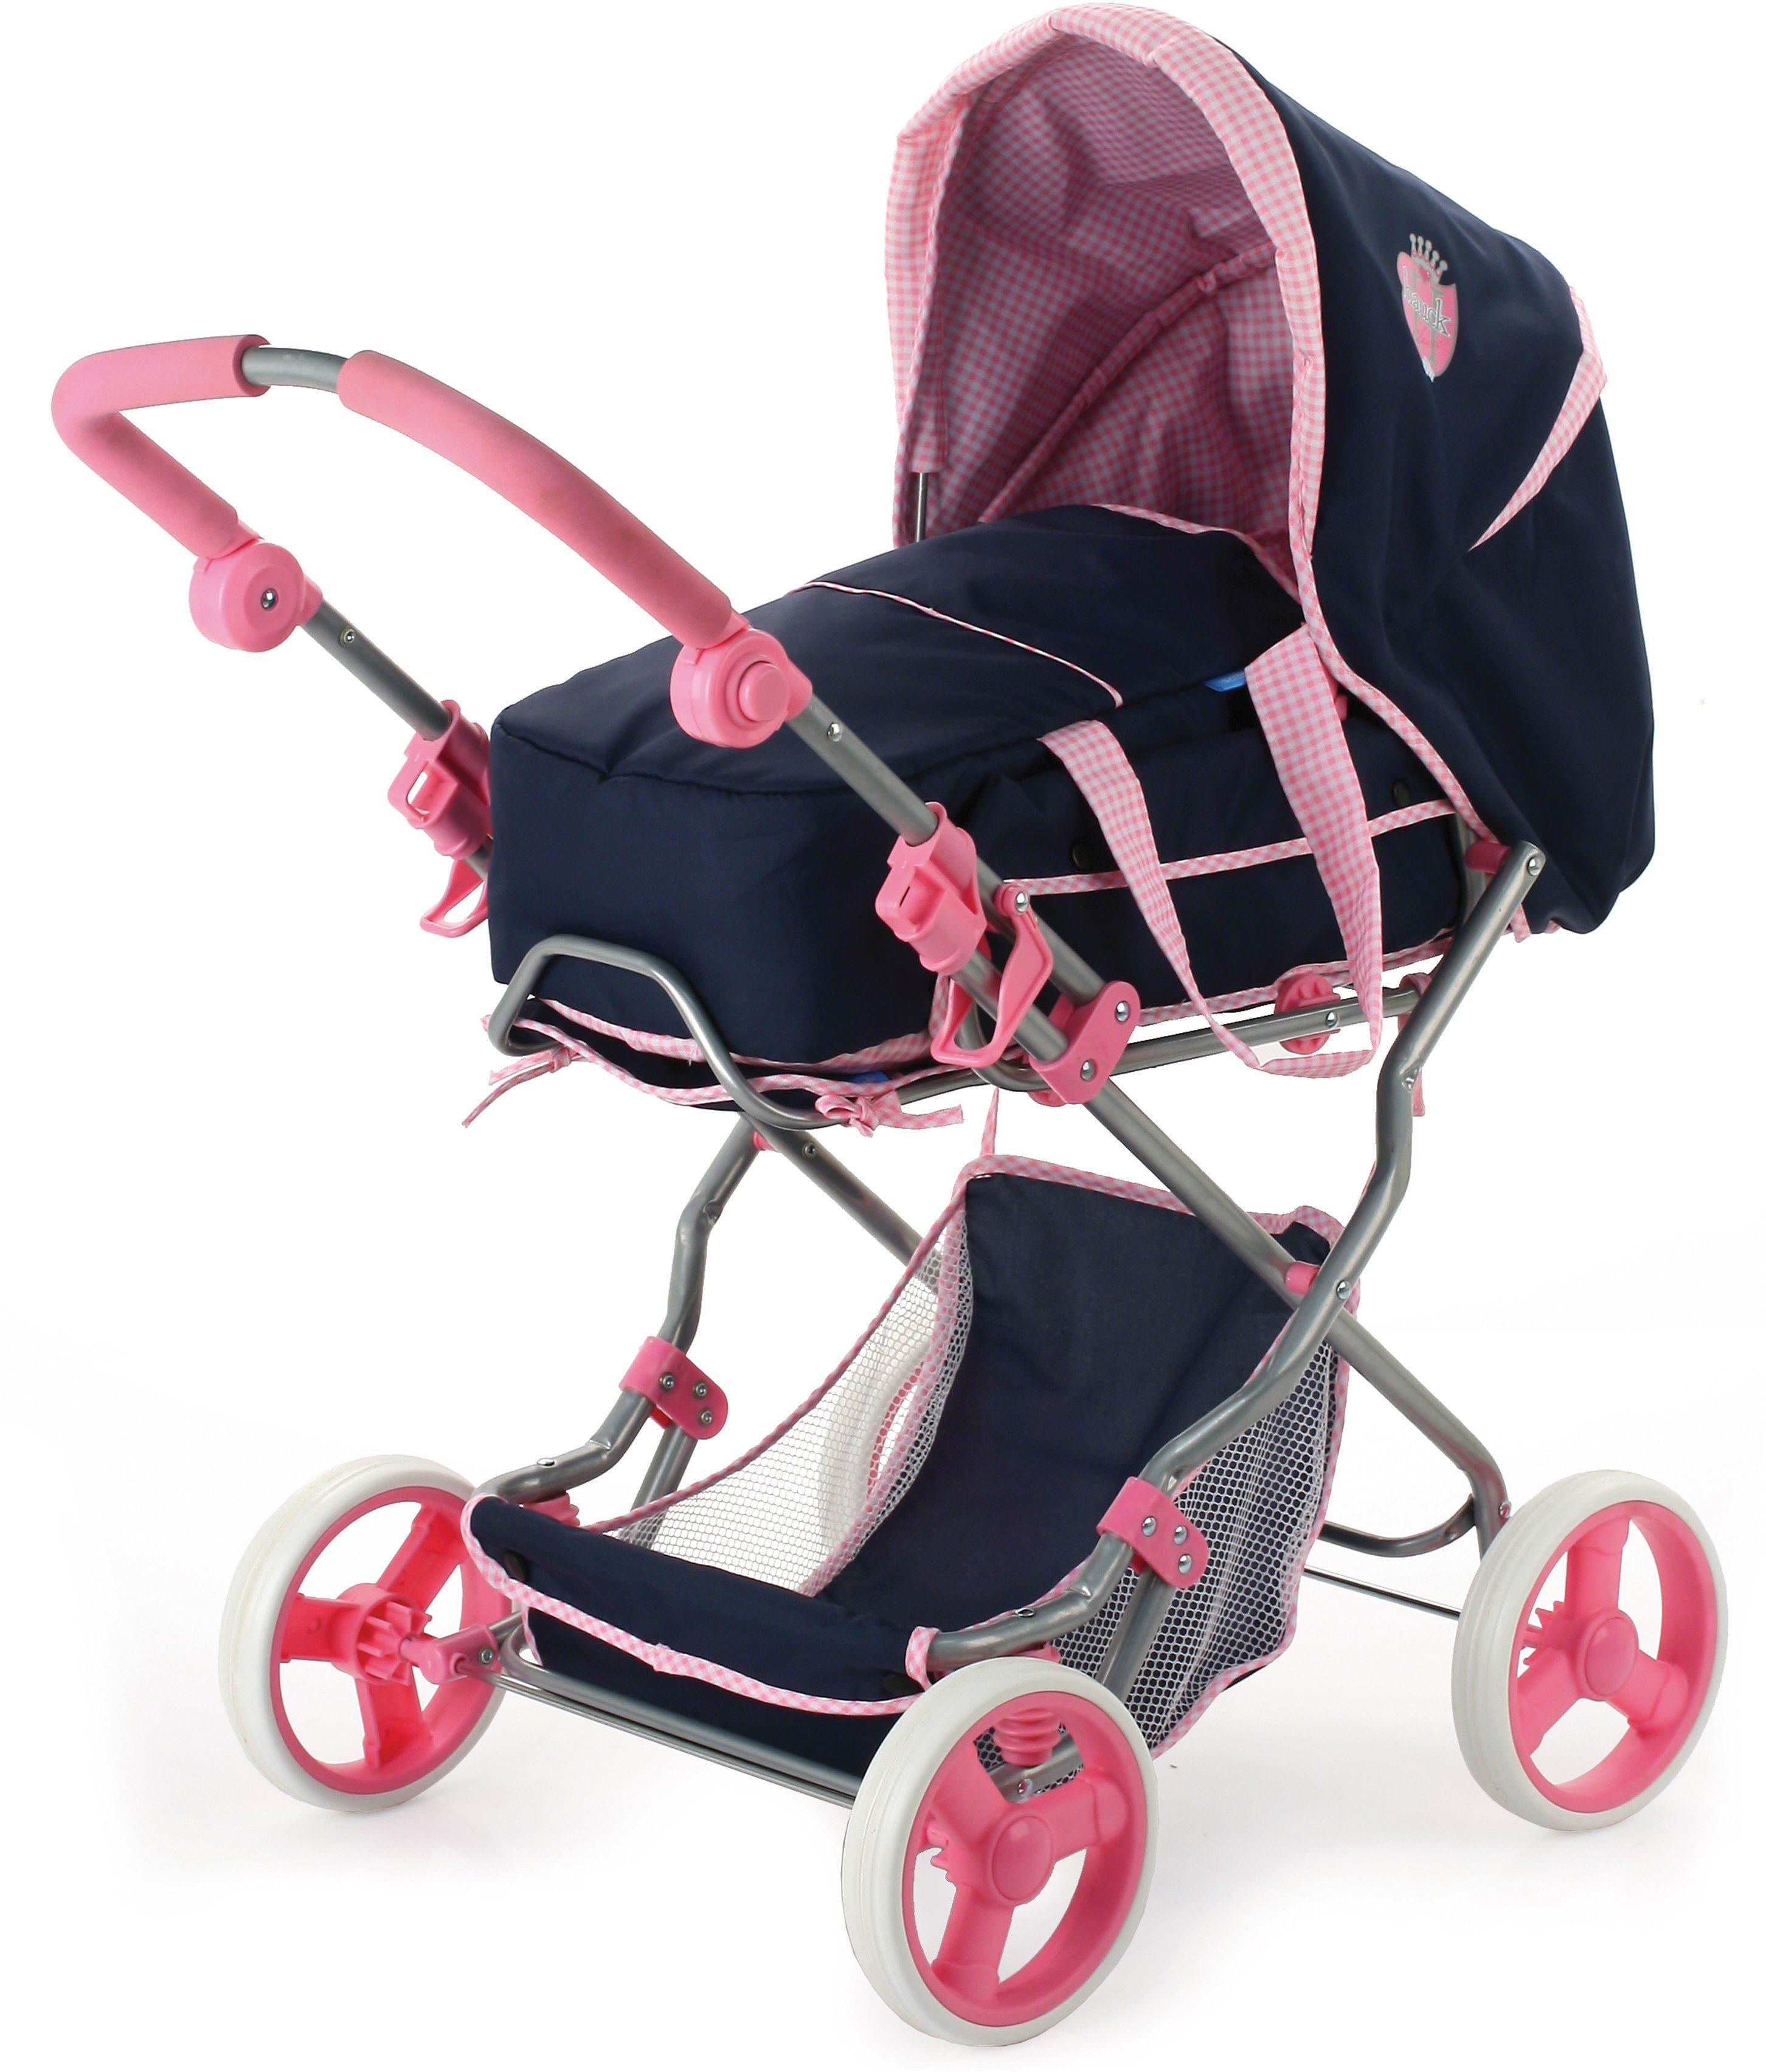 Puppe Kinderwagen Joggen Buggy Ausziehbarer Schiebegriff Für Kinder Kleinkind Babypuppen & Zubehör